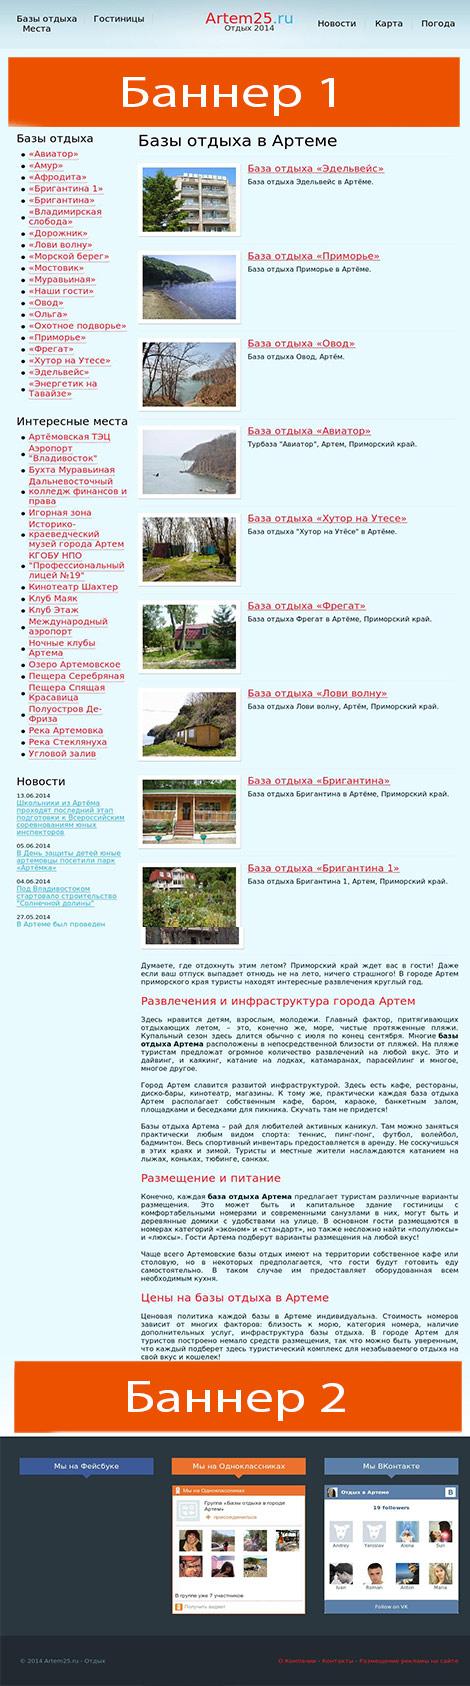 схема размещения рекламы на сайте artem25.ru  height=